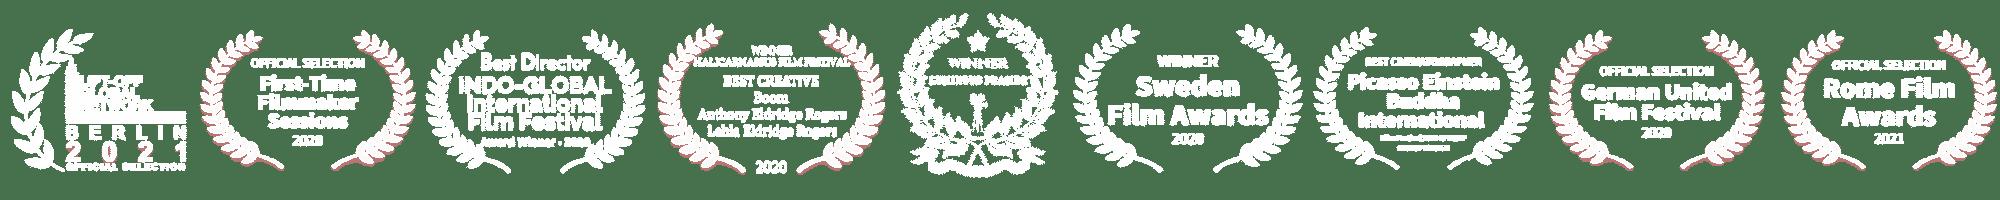 Award logos for BOOM